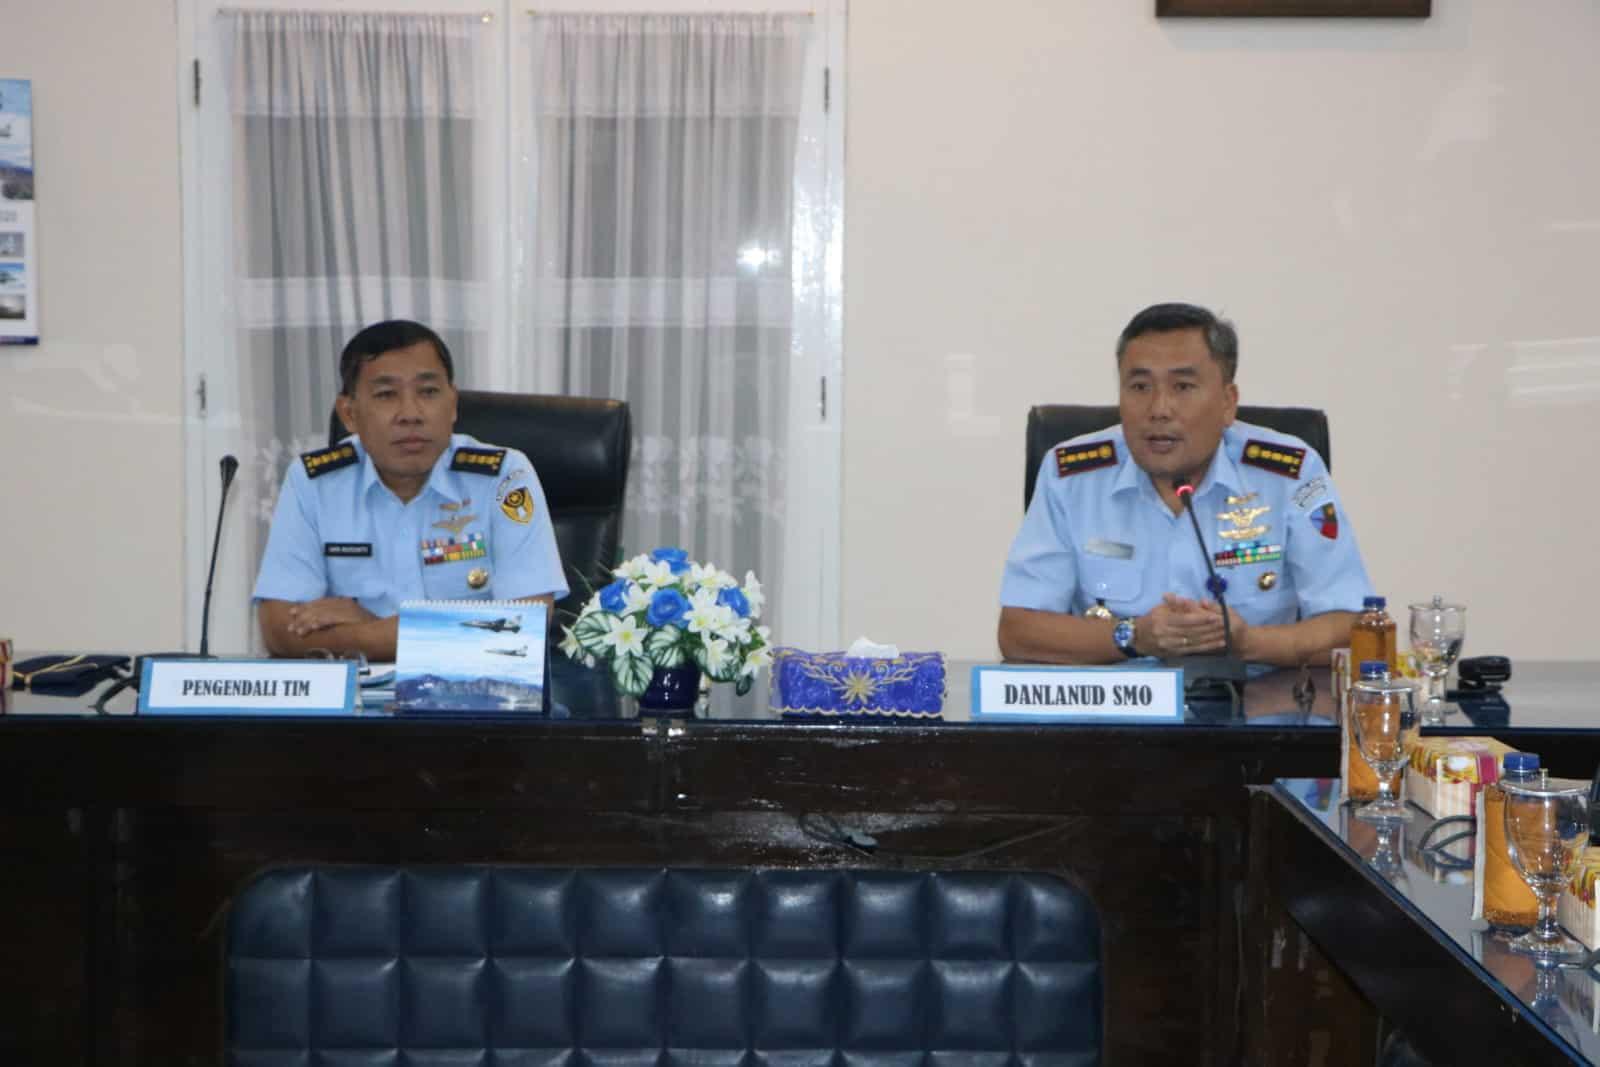 Inspektorat Kodiklatau Laksanakan Wasrikap di Lanud Adi Soemarmo